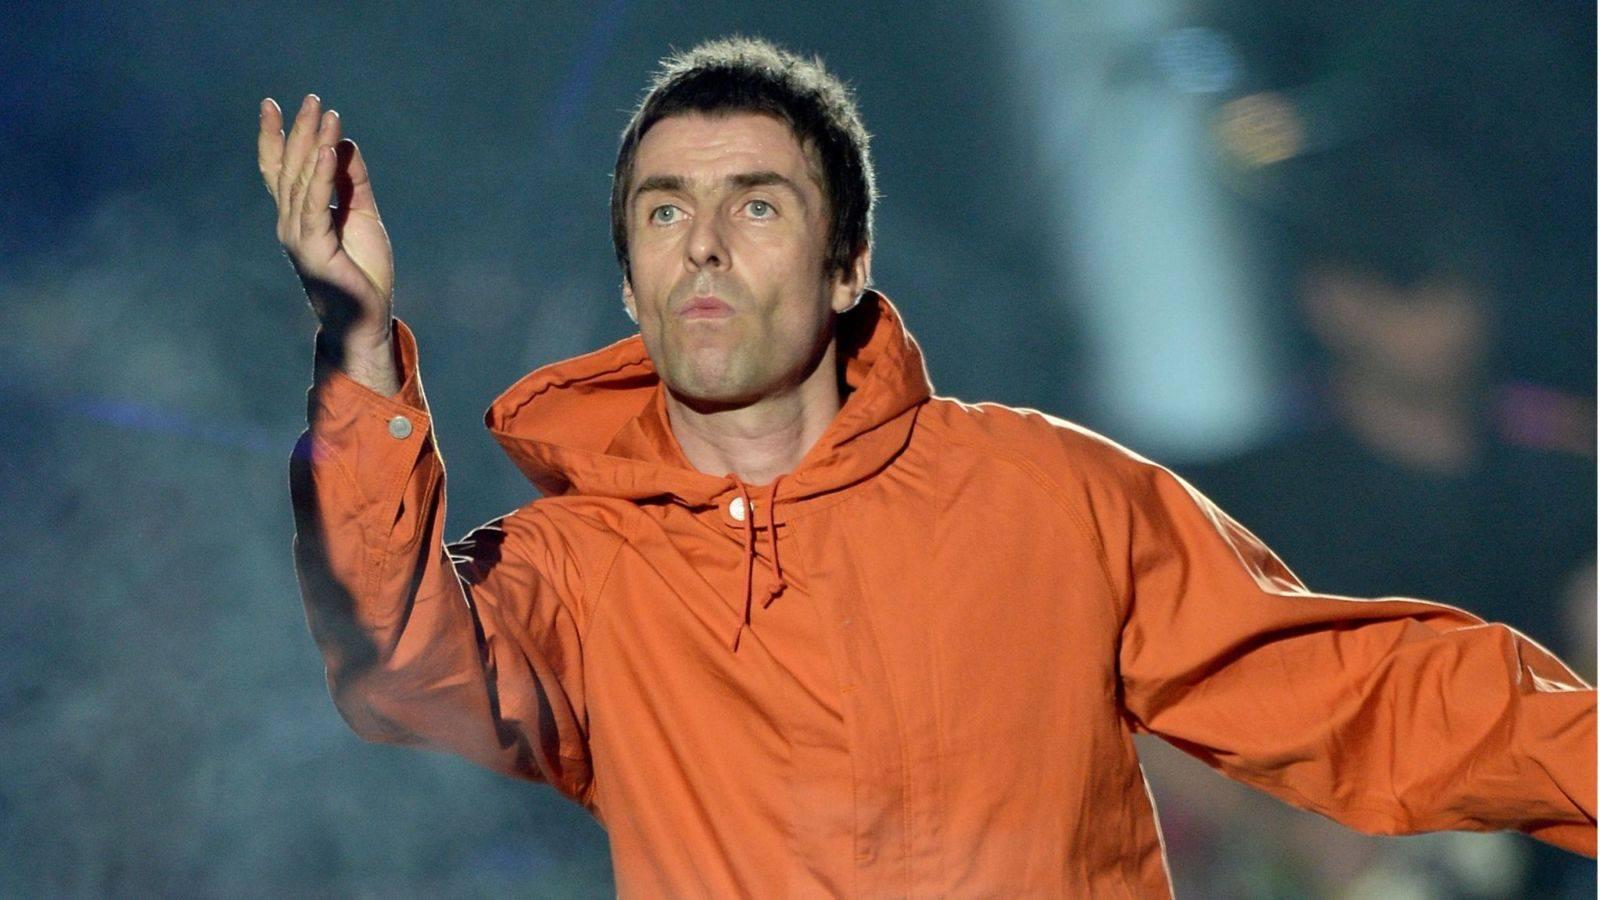 Según Liam Gallagher, solo existían dos bandas en los 90's